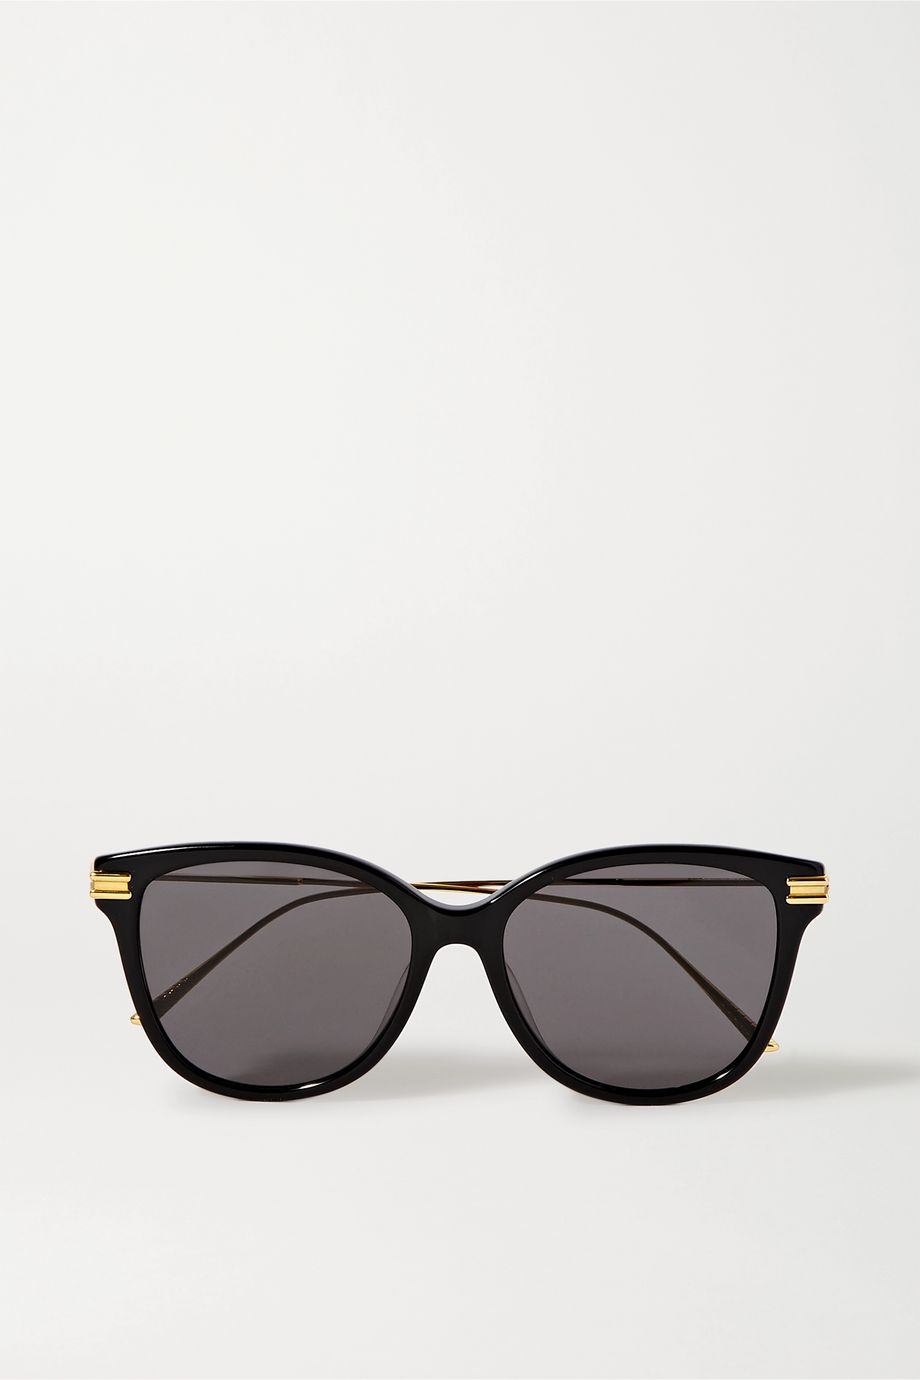 Bottega Veneta Sonnenbrille mit rundem Rahmen aus Azetat mit goldfarbenen Details